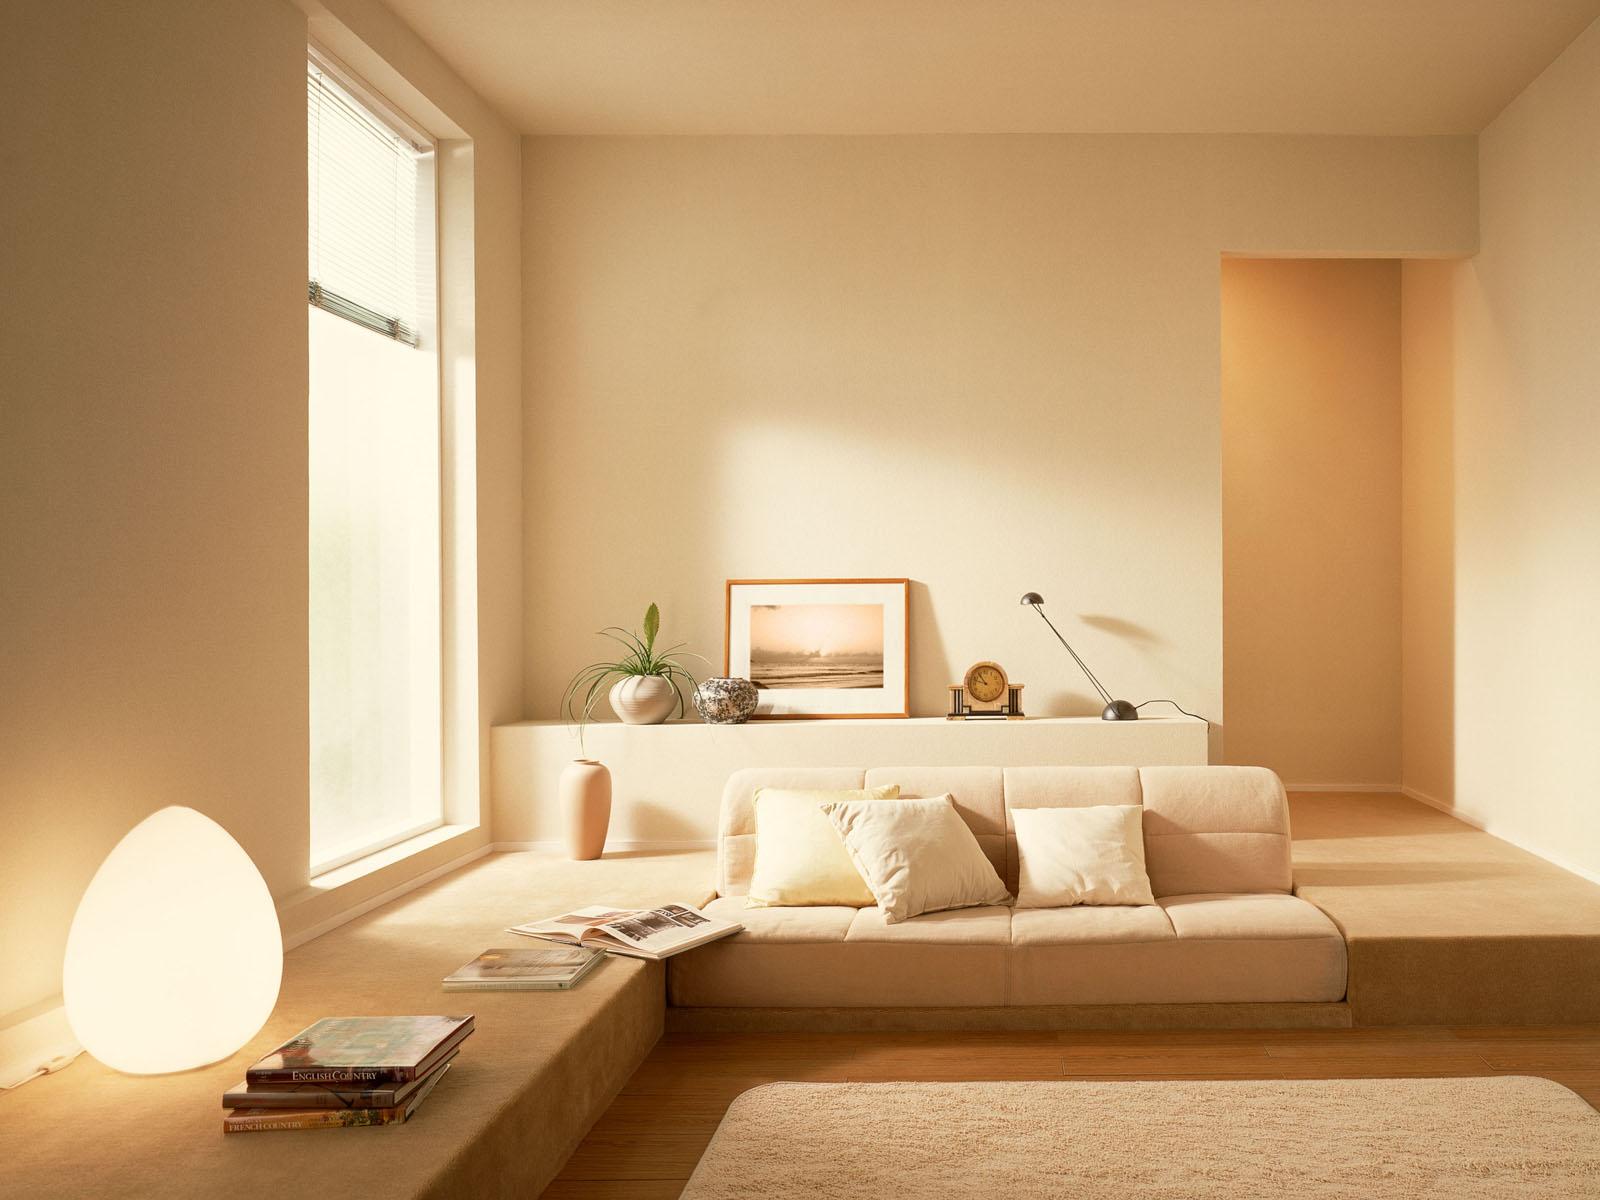 Low sitting living room interior design ideas for Interior decoration for sitting room